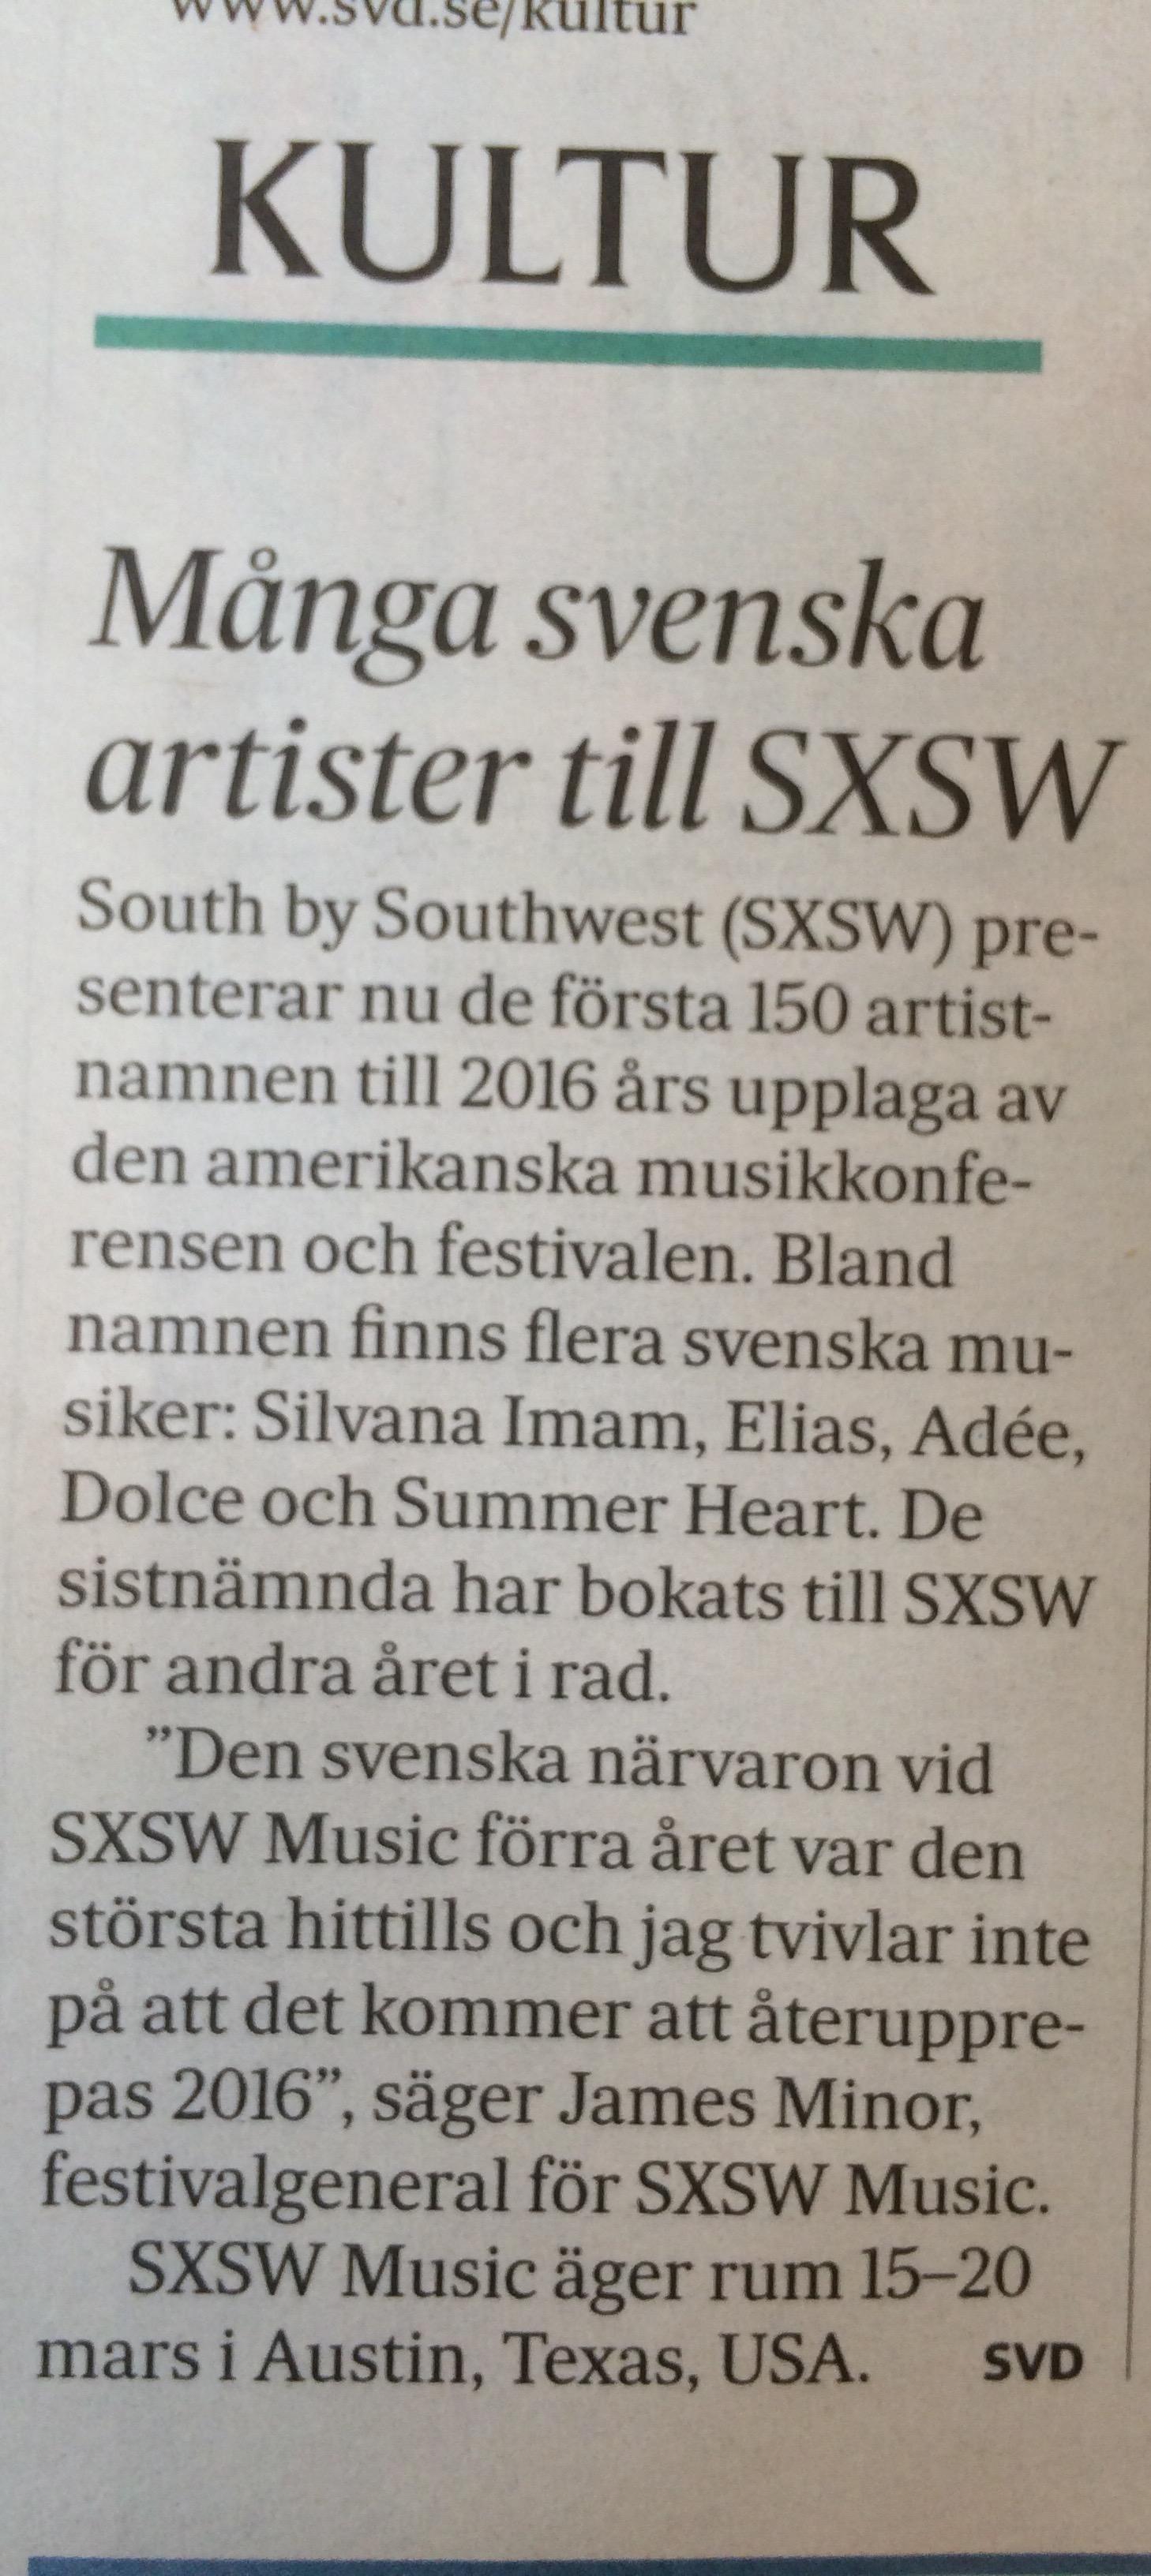 SvD kultur tips - SXSW 2016.jpg